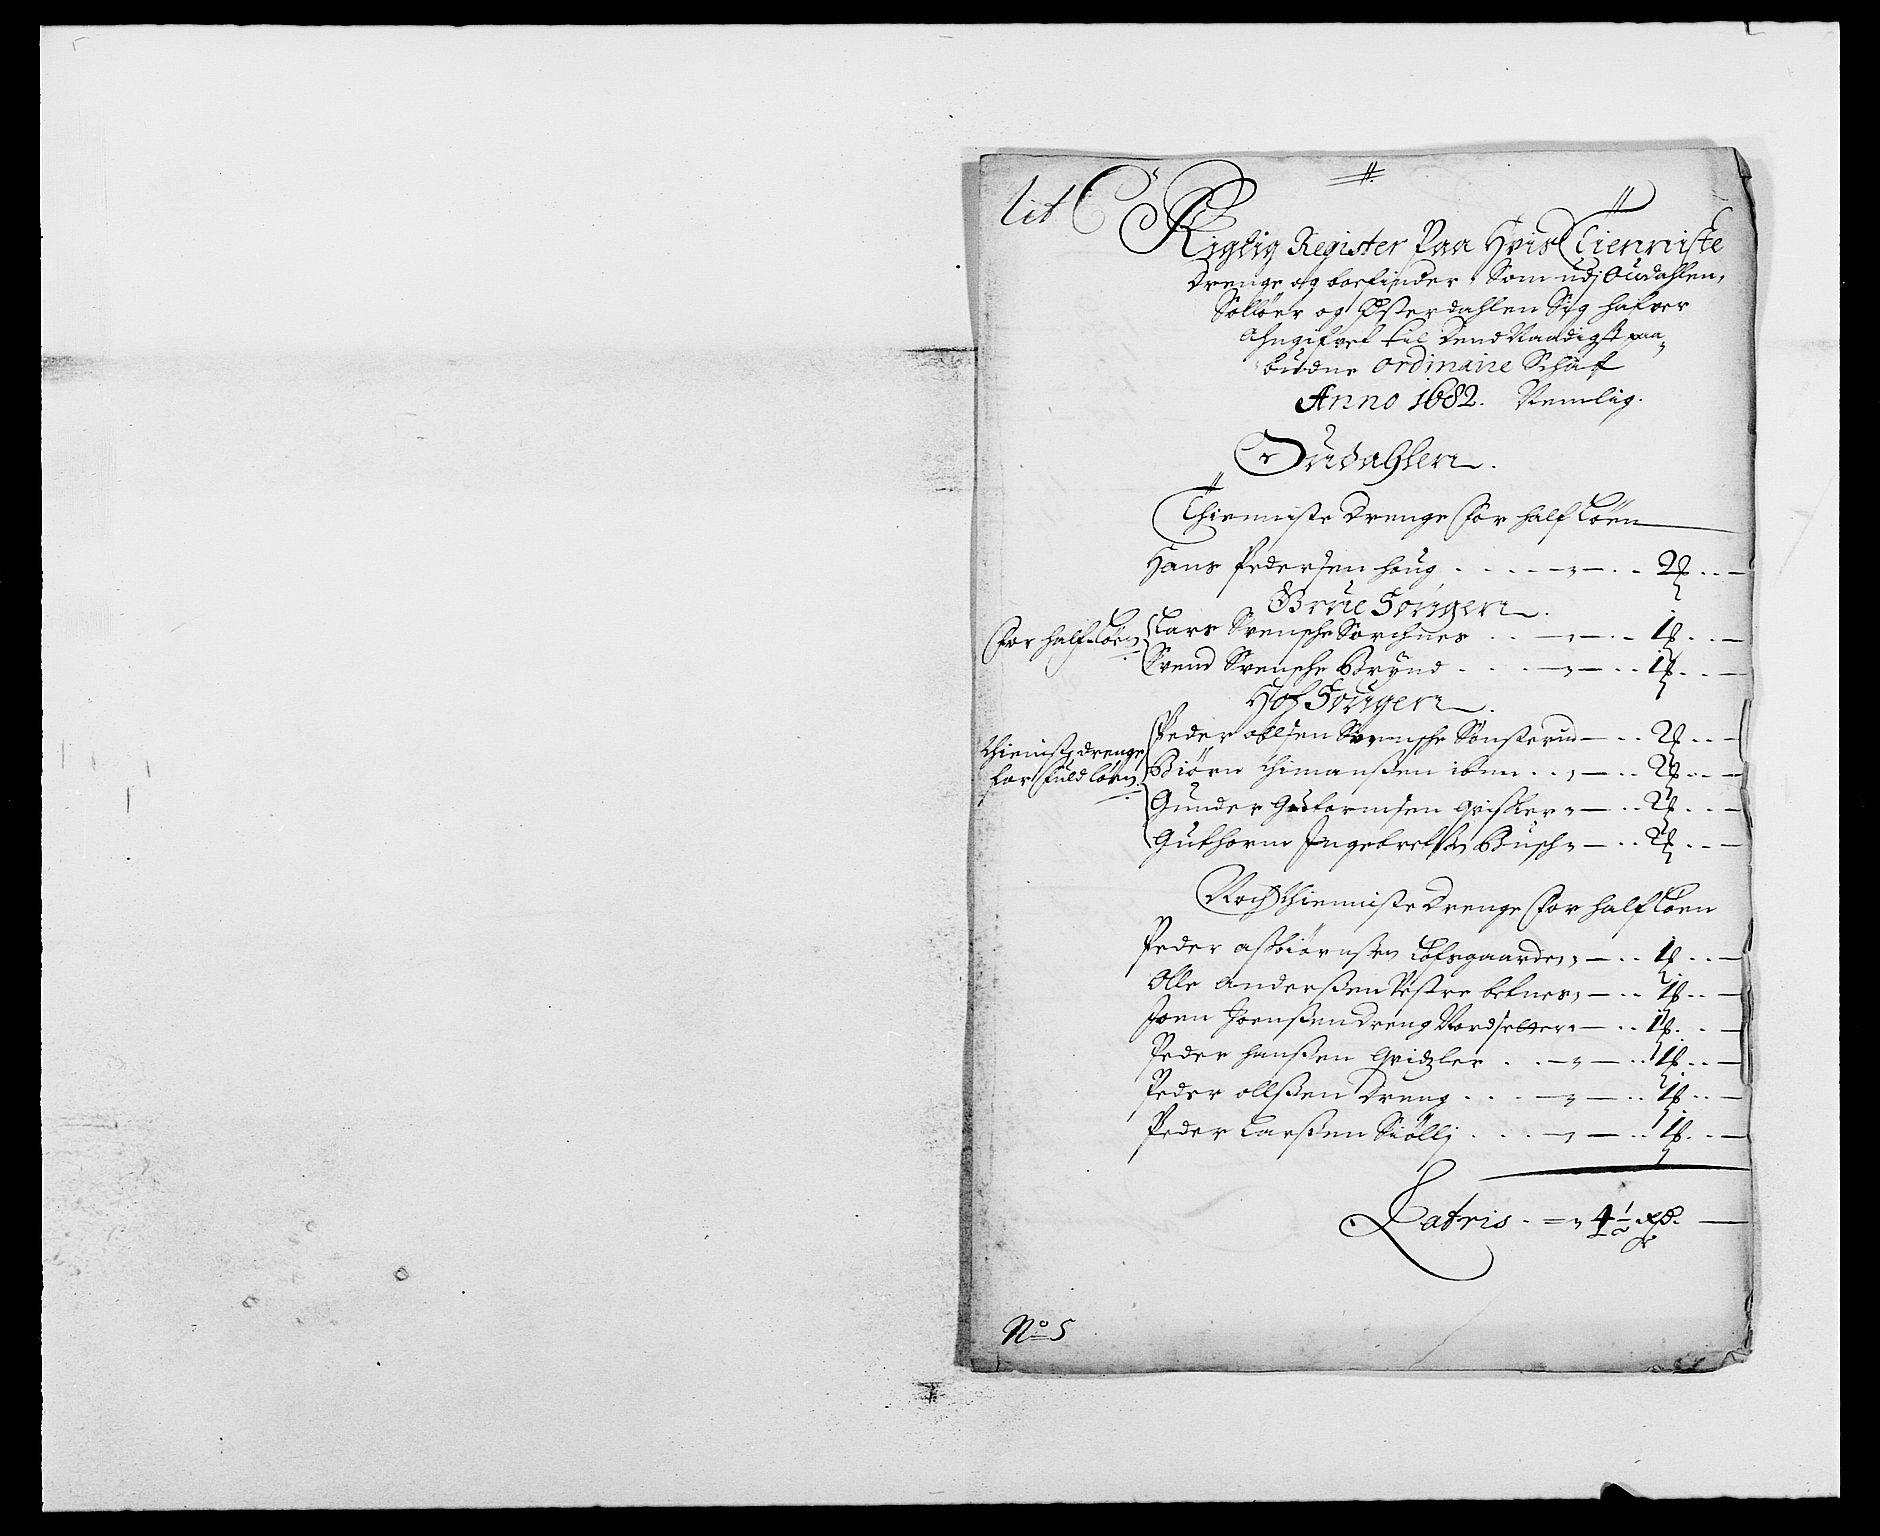 RA, Rentekammeret inntil 1814, Reviderte regnskaper, Fogderegnskap, R13/L0819: Fogderegnskap Solør, Odal og Østerdal, 1682, s. 188